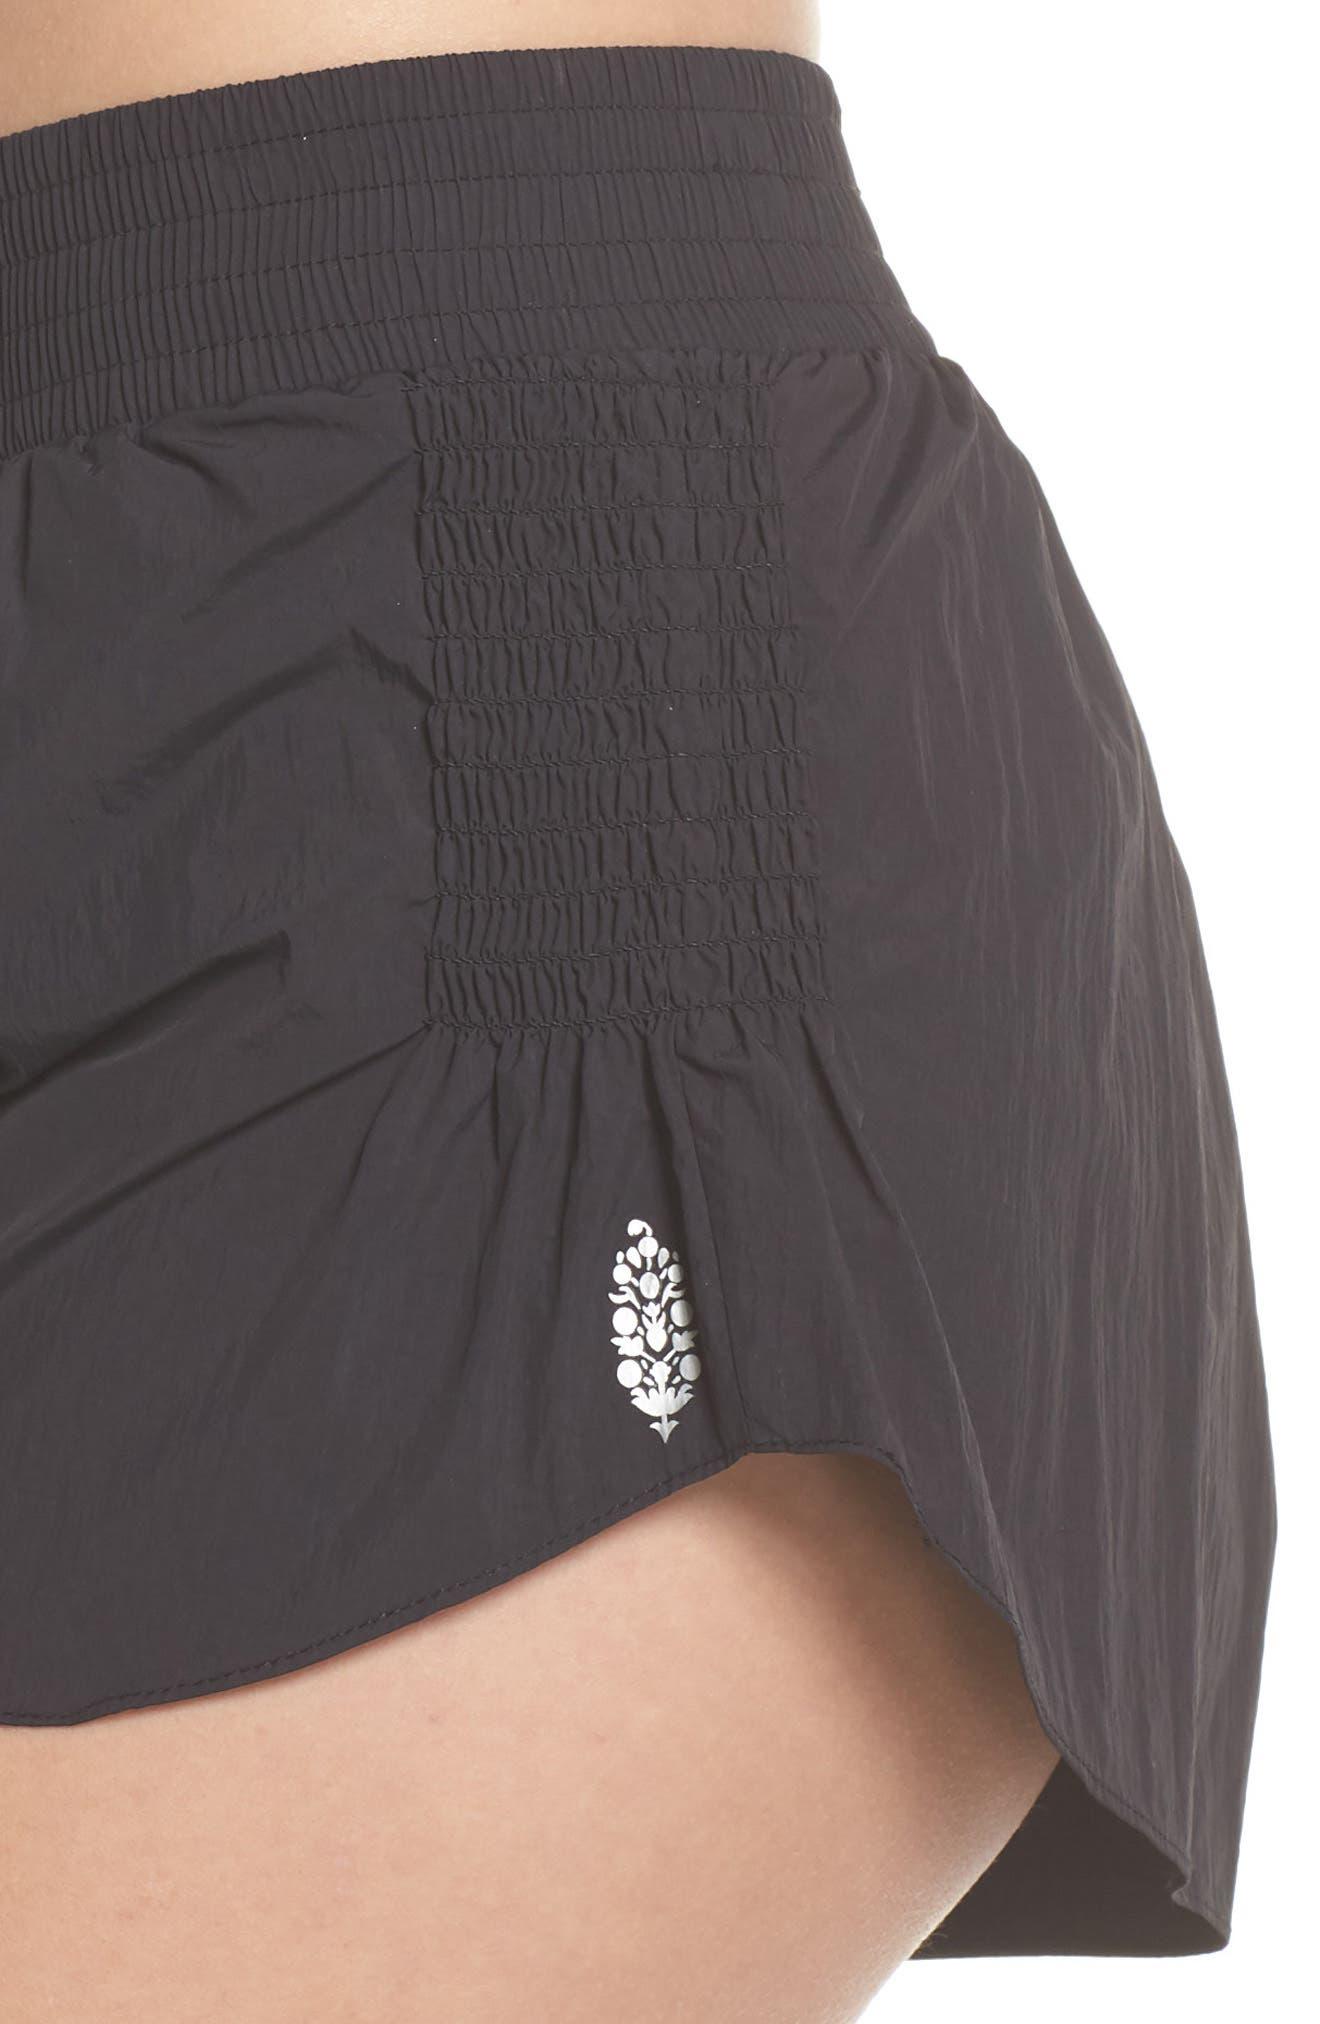 Fuji Shorts,                             Alternate thumbnail 4, color,                             001